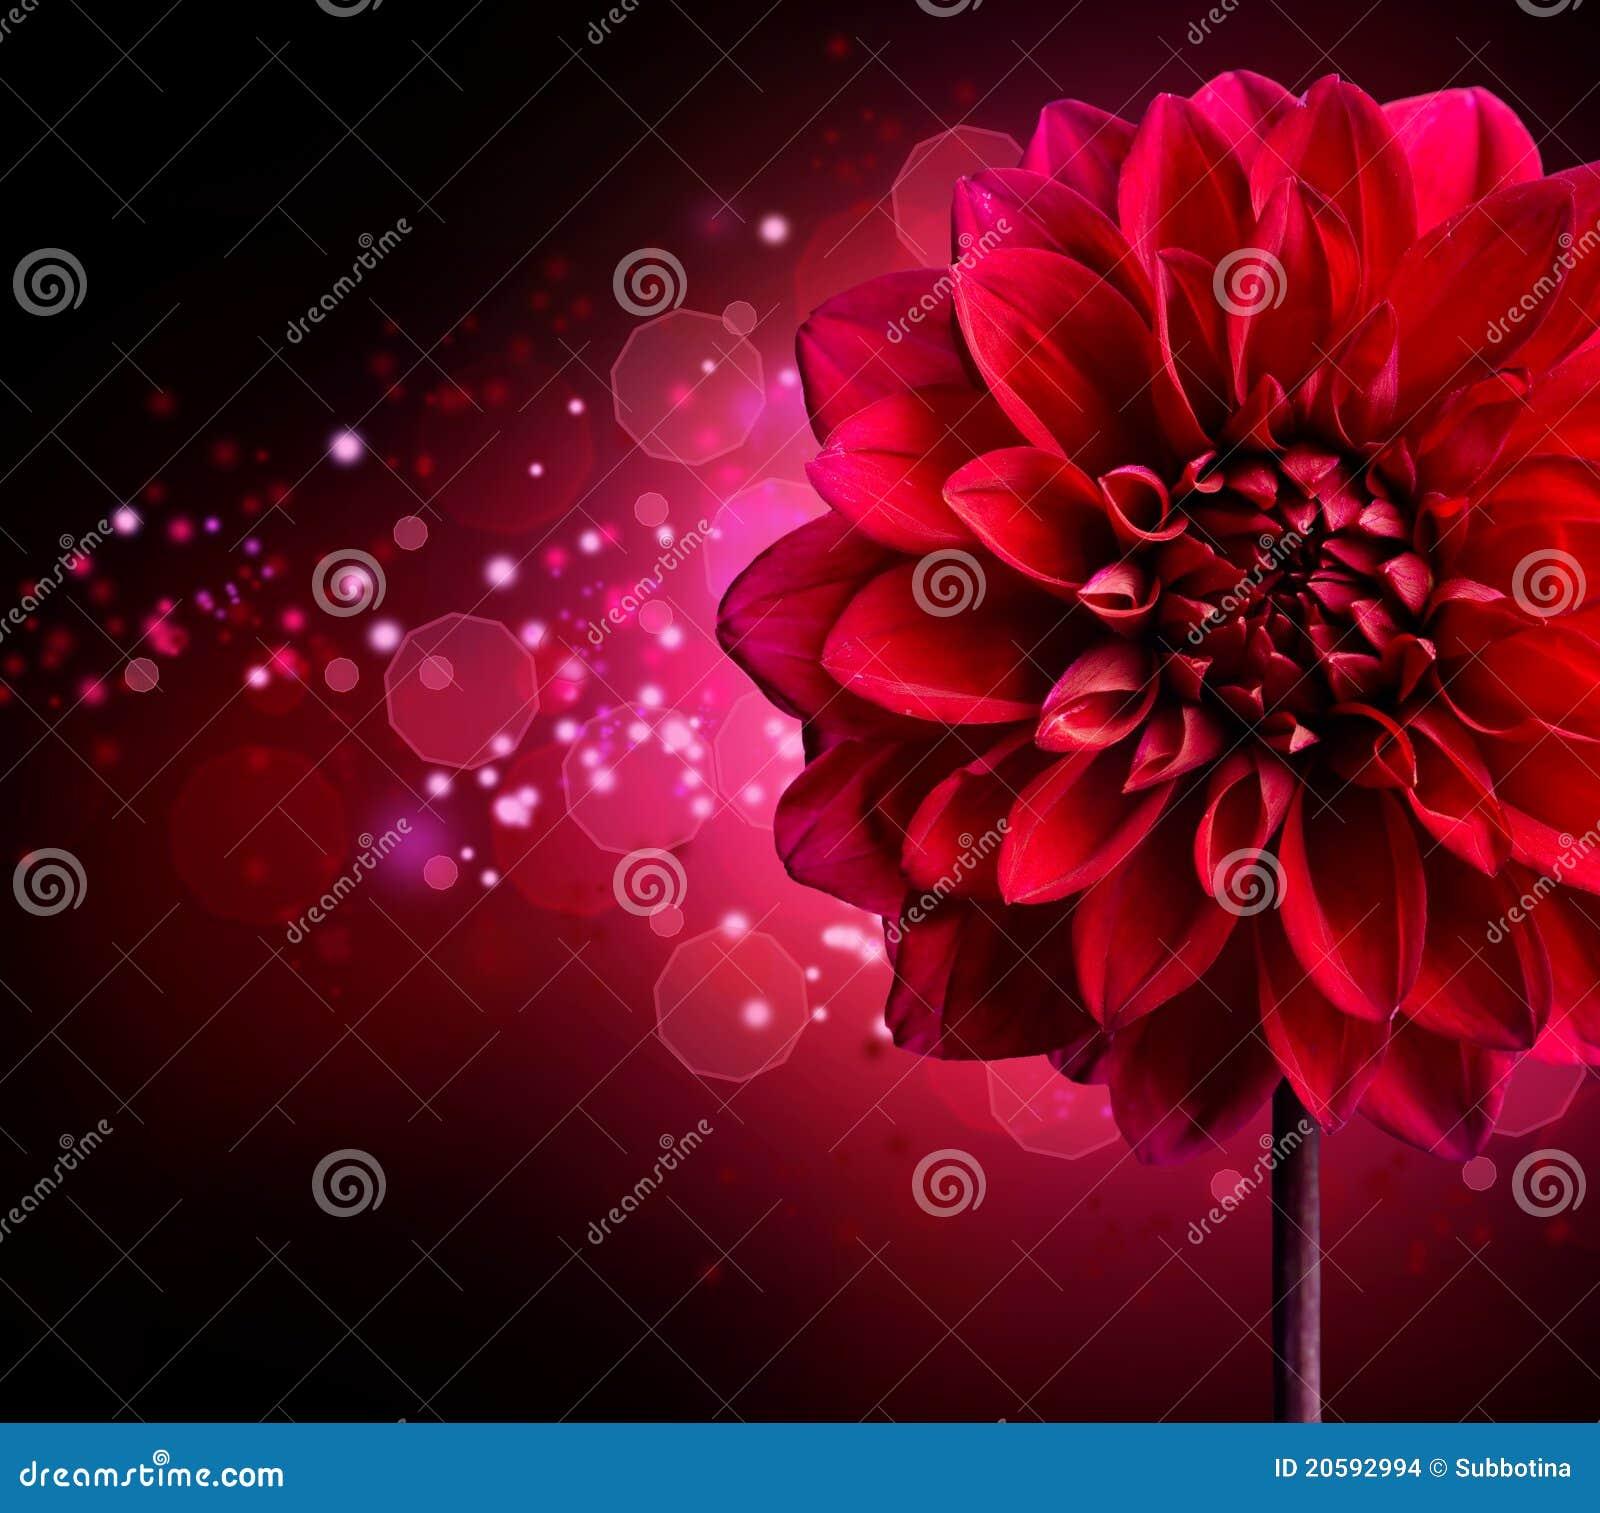 Dahlia flower design